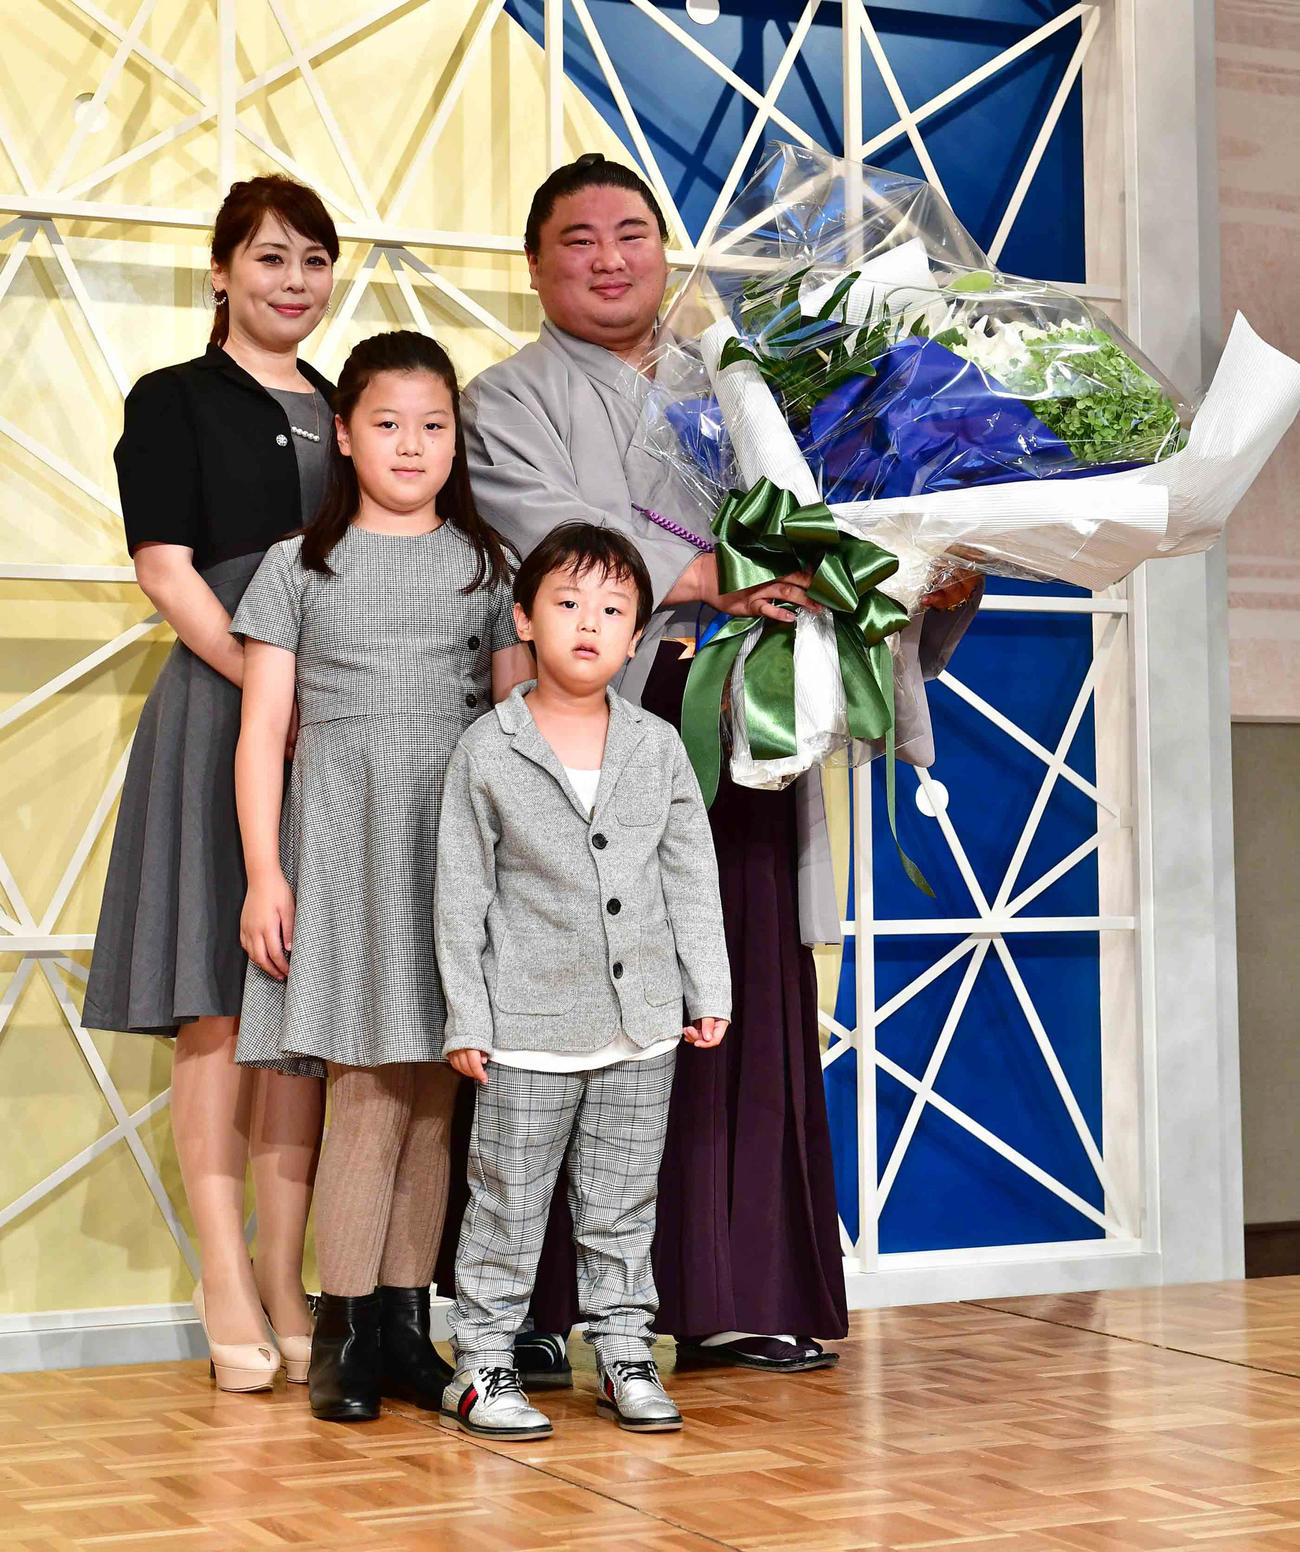 元関脇「嘉風」離婚調停中のサロン妻、娘への虐待騒動